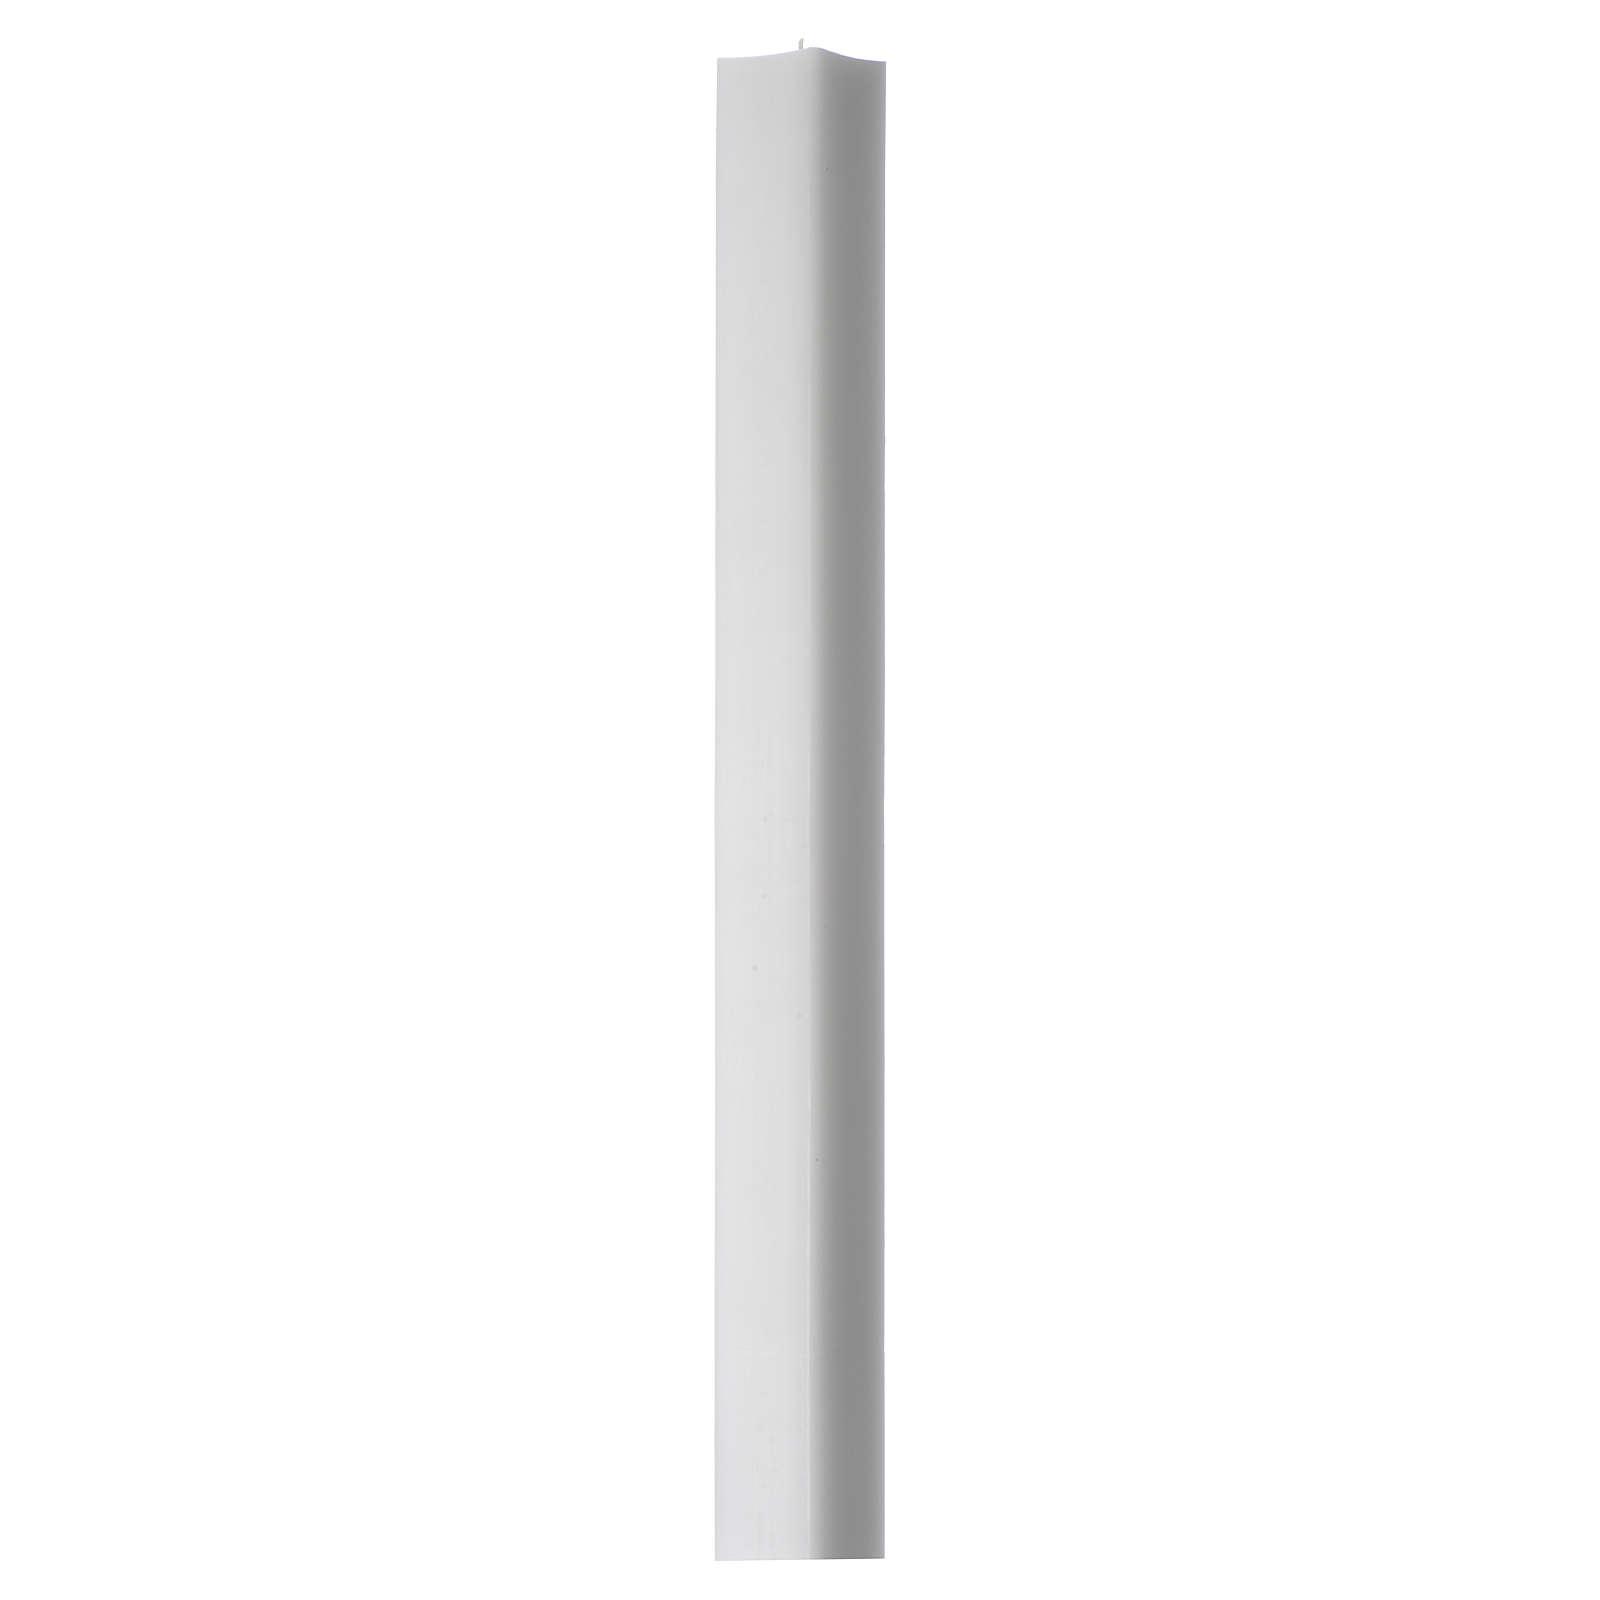 Bougie blanche carrée 800x50x50mm (lot de 6) 3